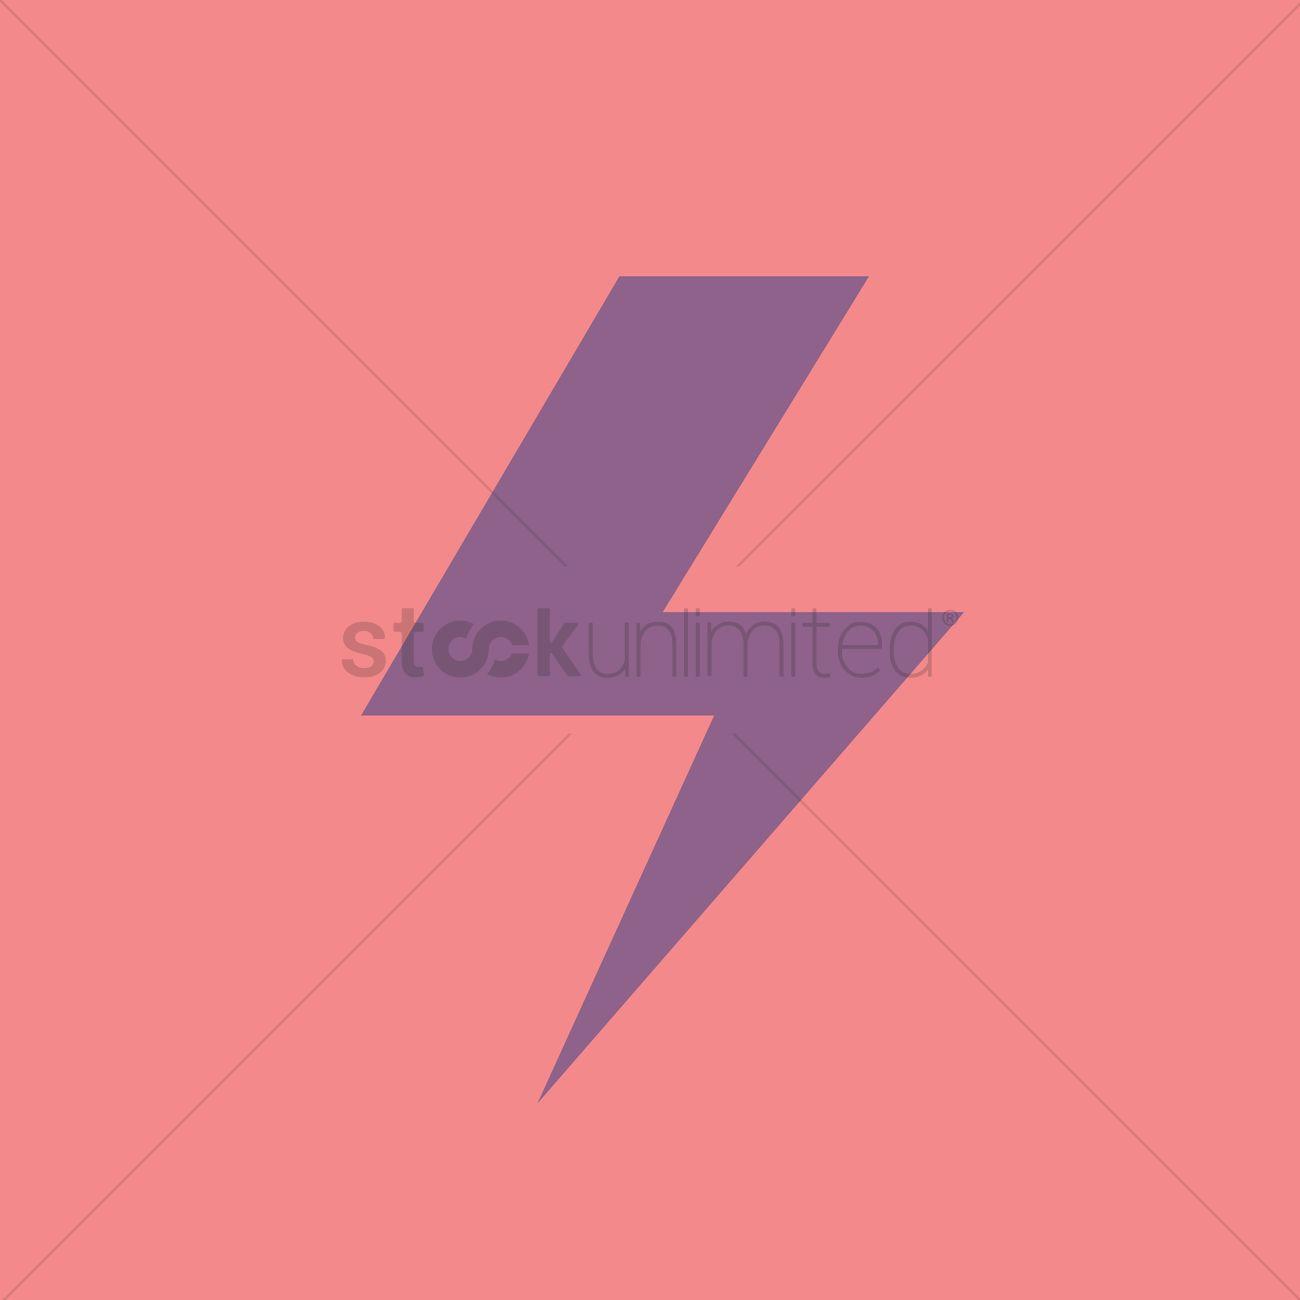 High voltage symbol vector image 1335910 stockunlimited high voltage symbol vector graphic buycottarizona